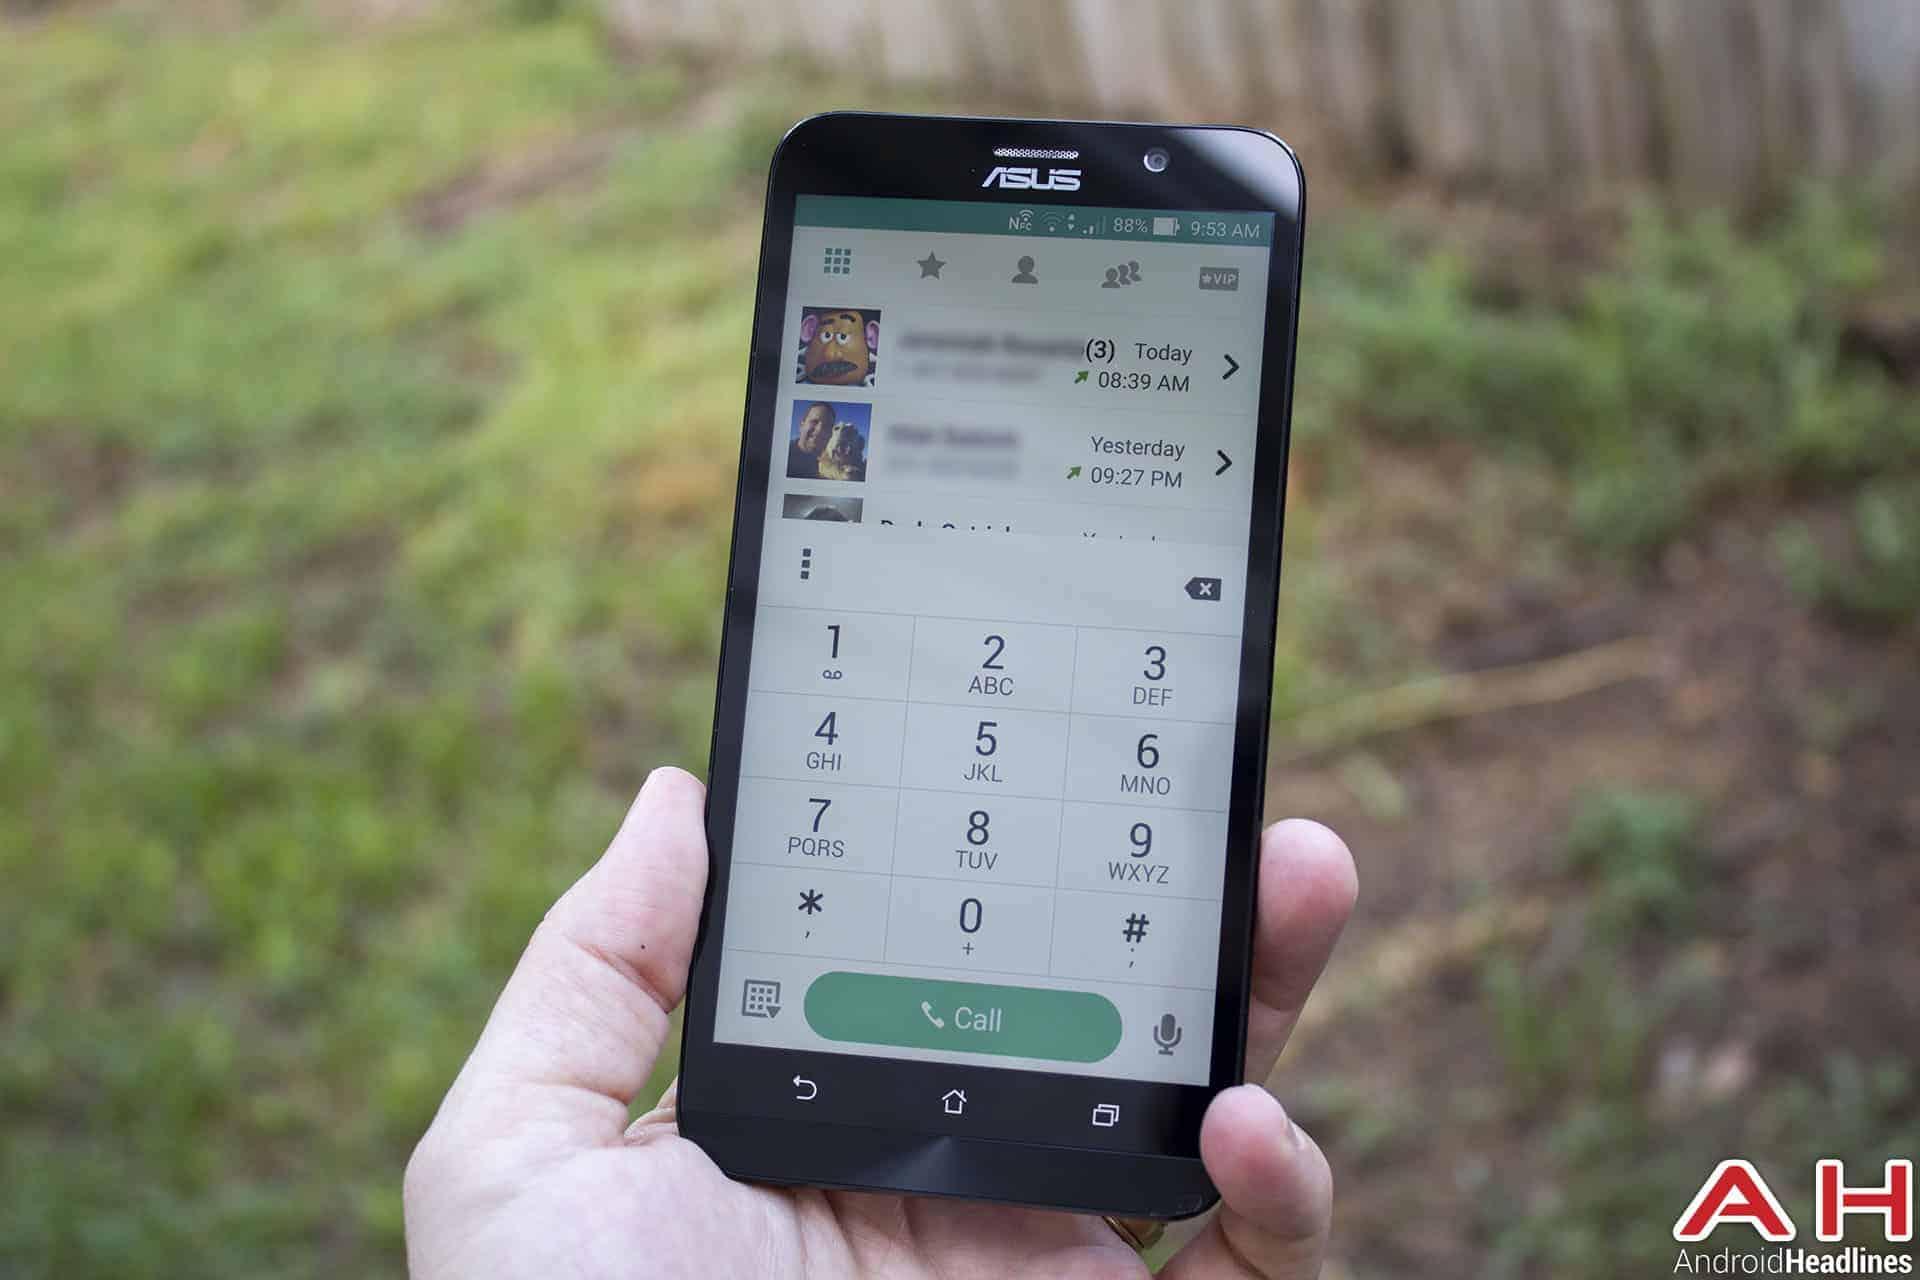 Asus-zenfone-2-phone